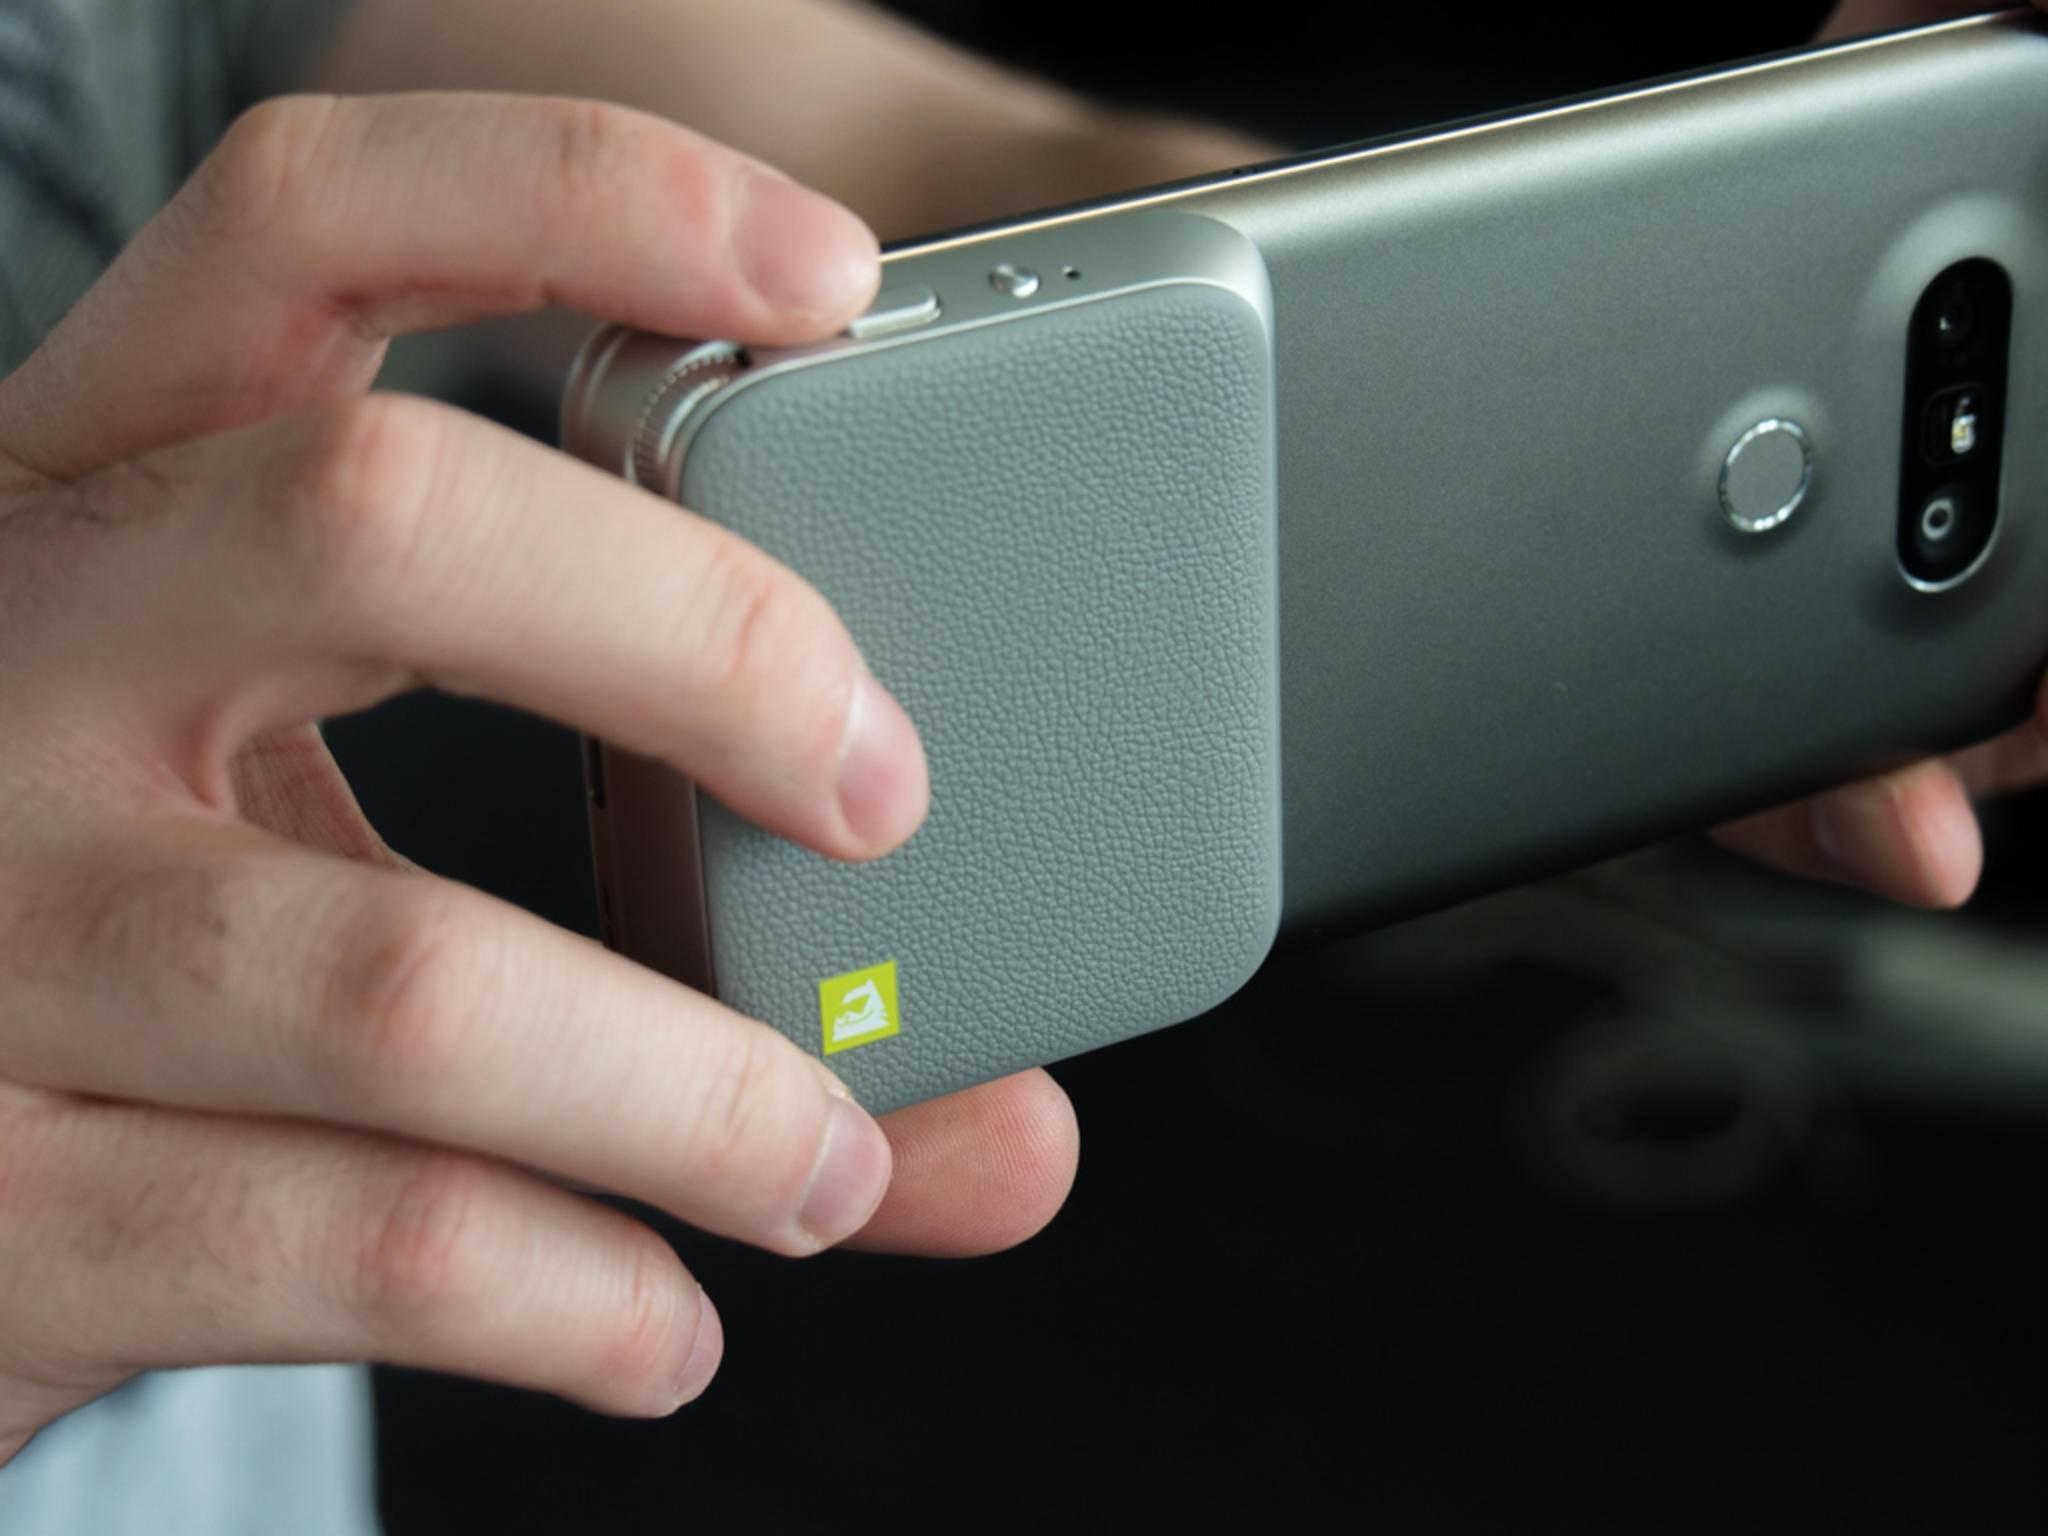 Das LG Cam Plus will aus dem LG G5 eine Digitalkamera machen.